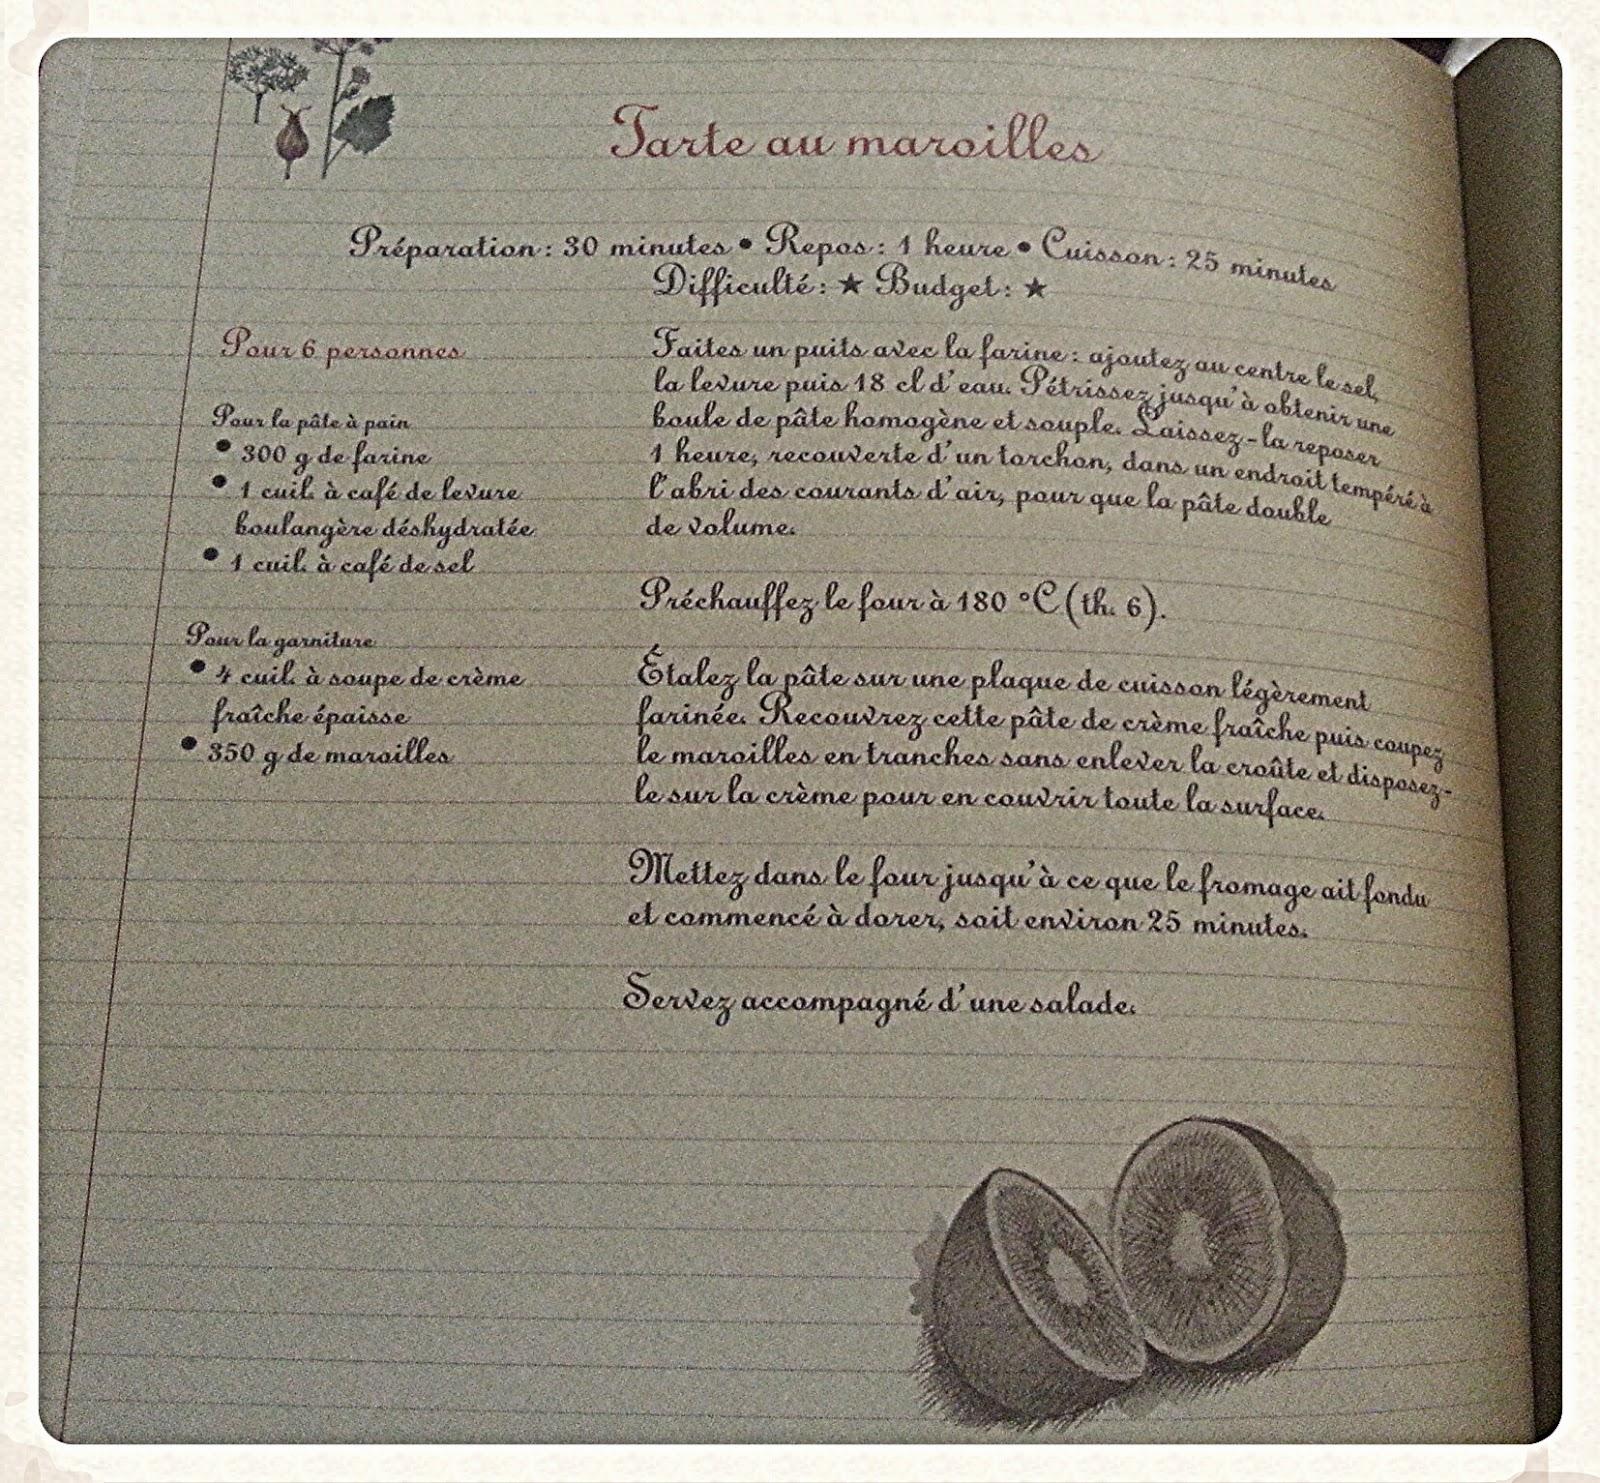 la-tarte-aux-maroilles